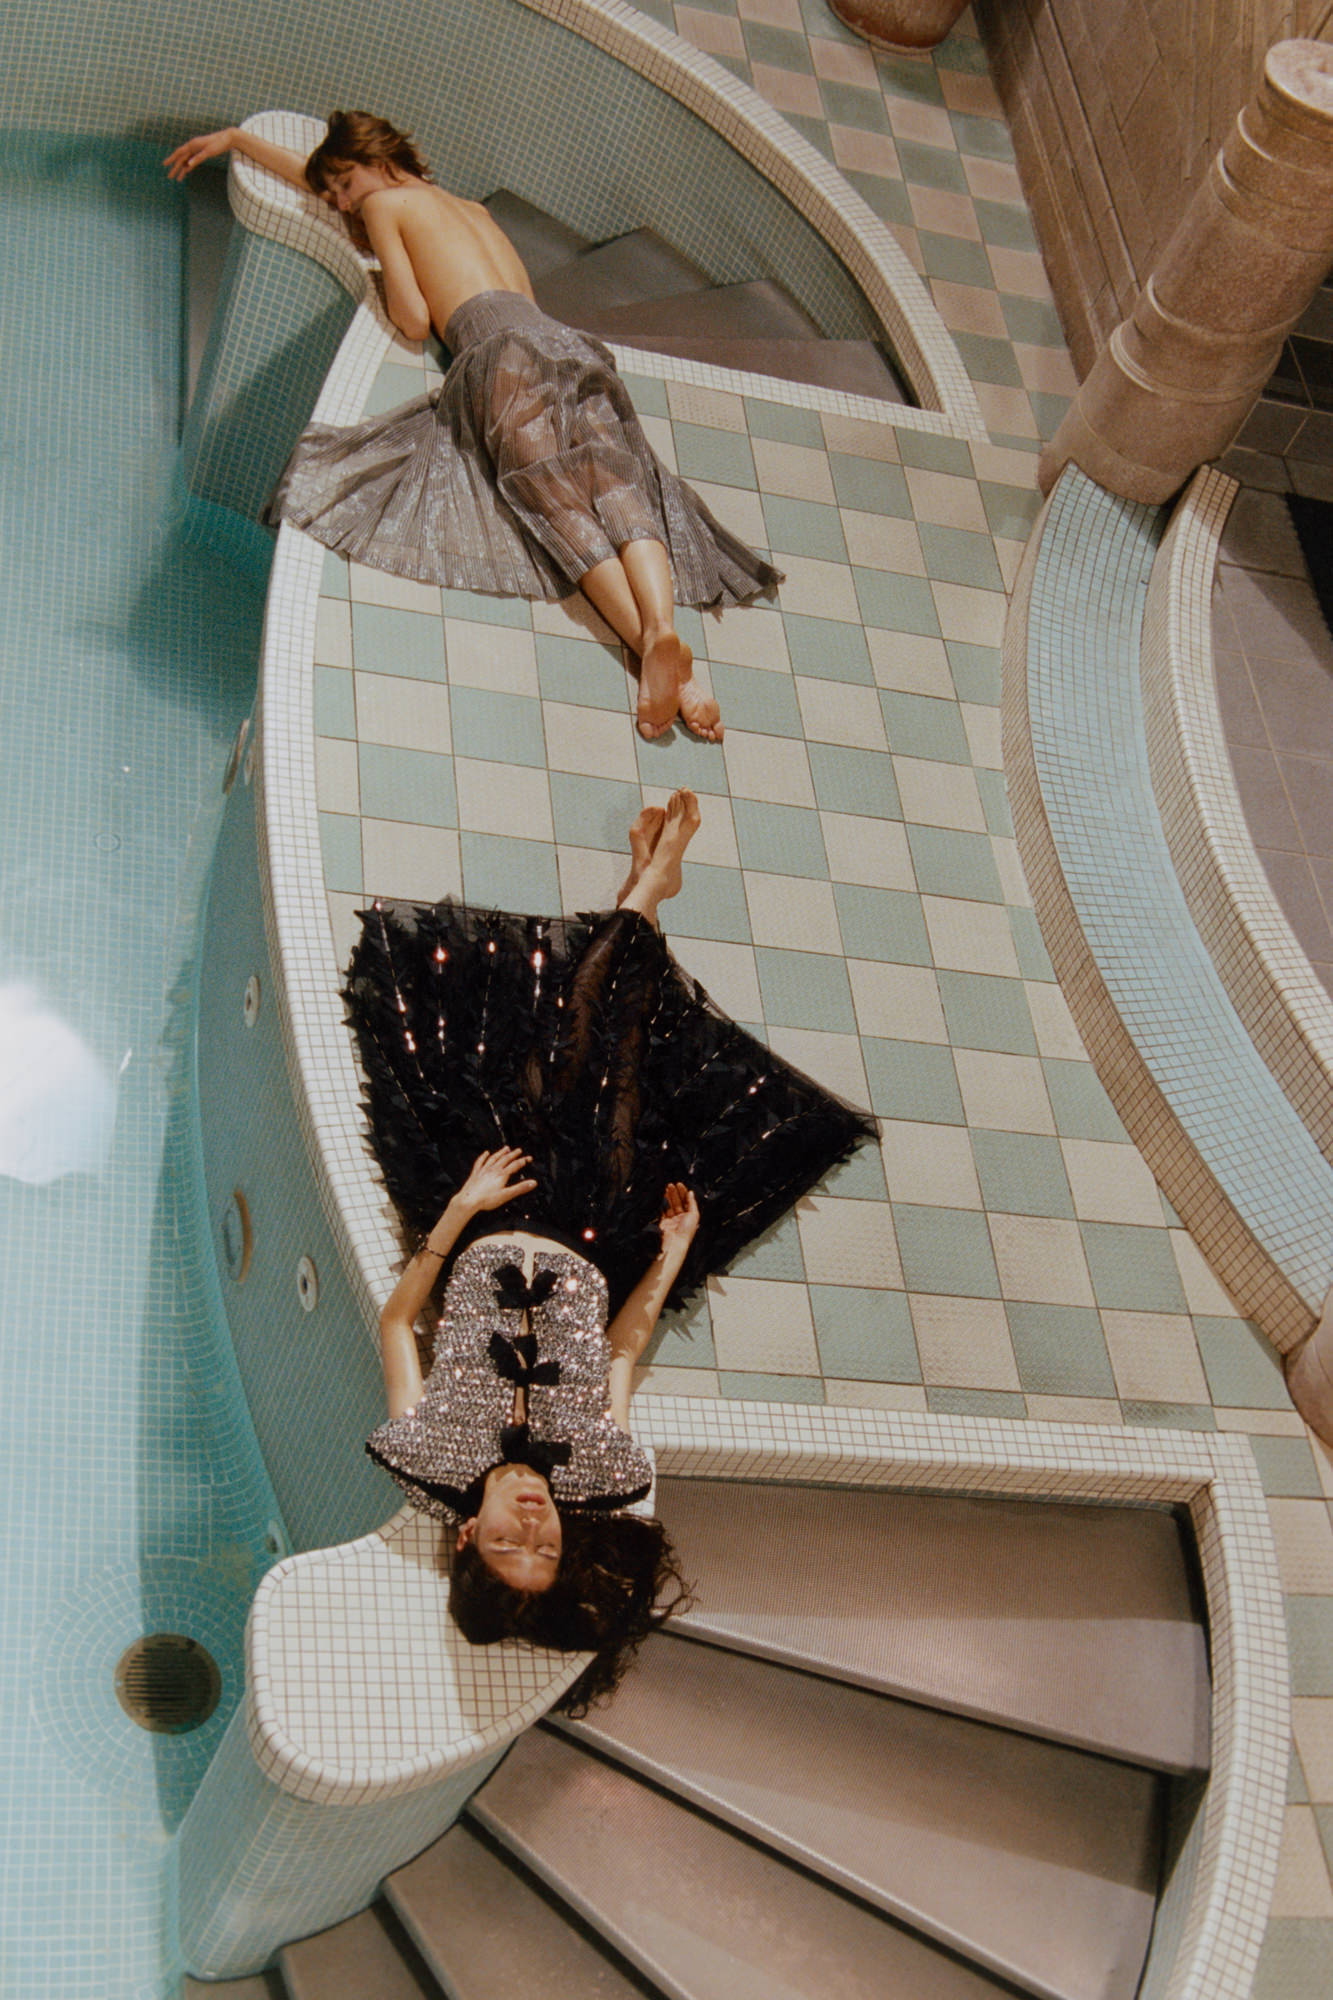 Top: skirt, CHANEL. Bottom: Top and skirt, CHANEL. Bracelet, EDDIE BORGO.